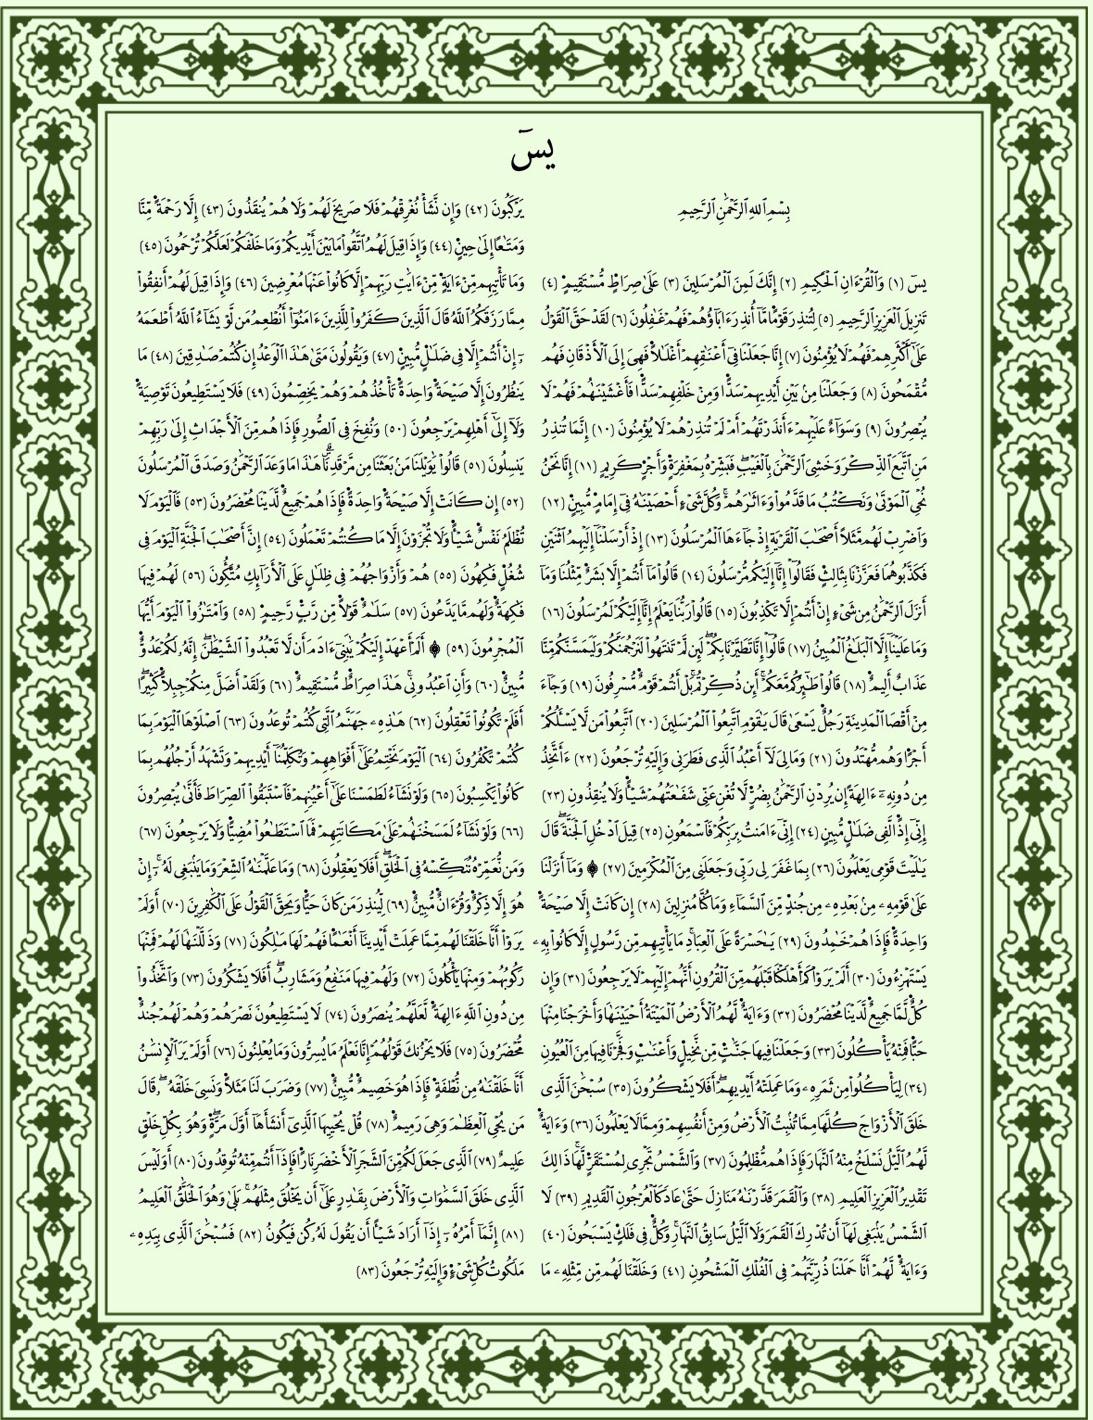 Surah Yaseen Full Transliteration In English - Surat Yasin 5